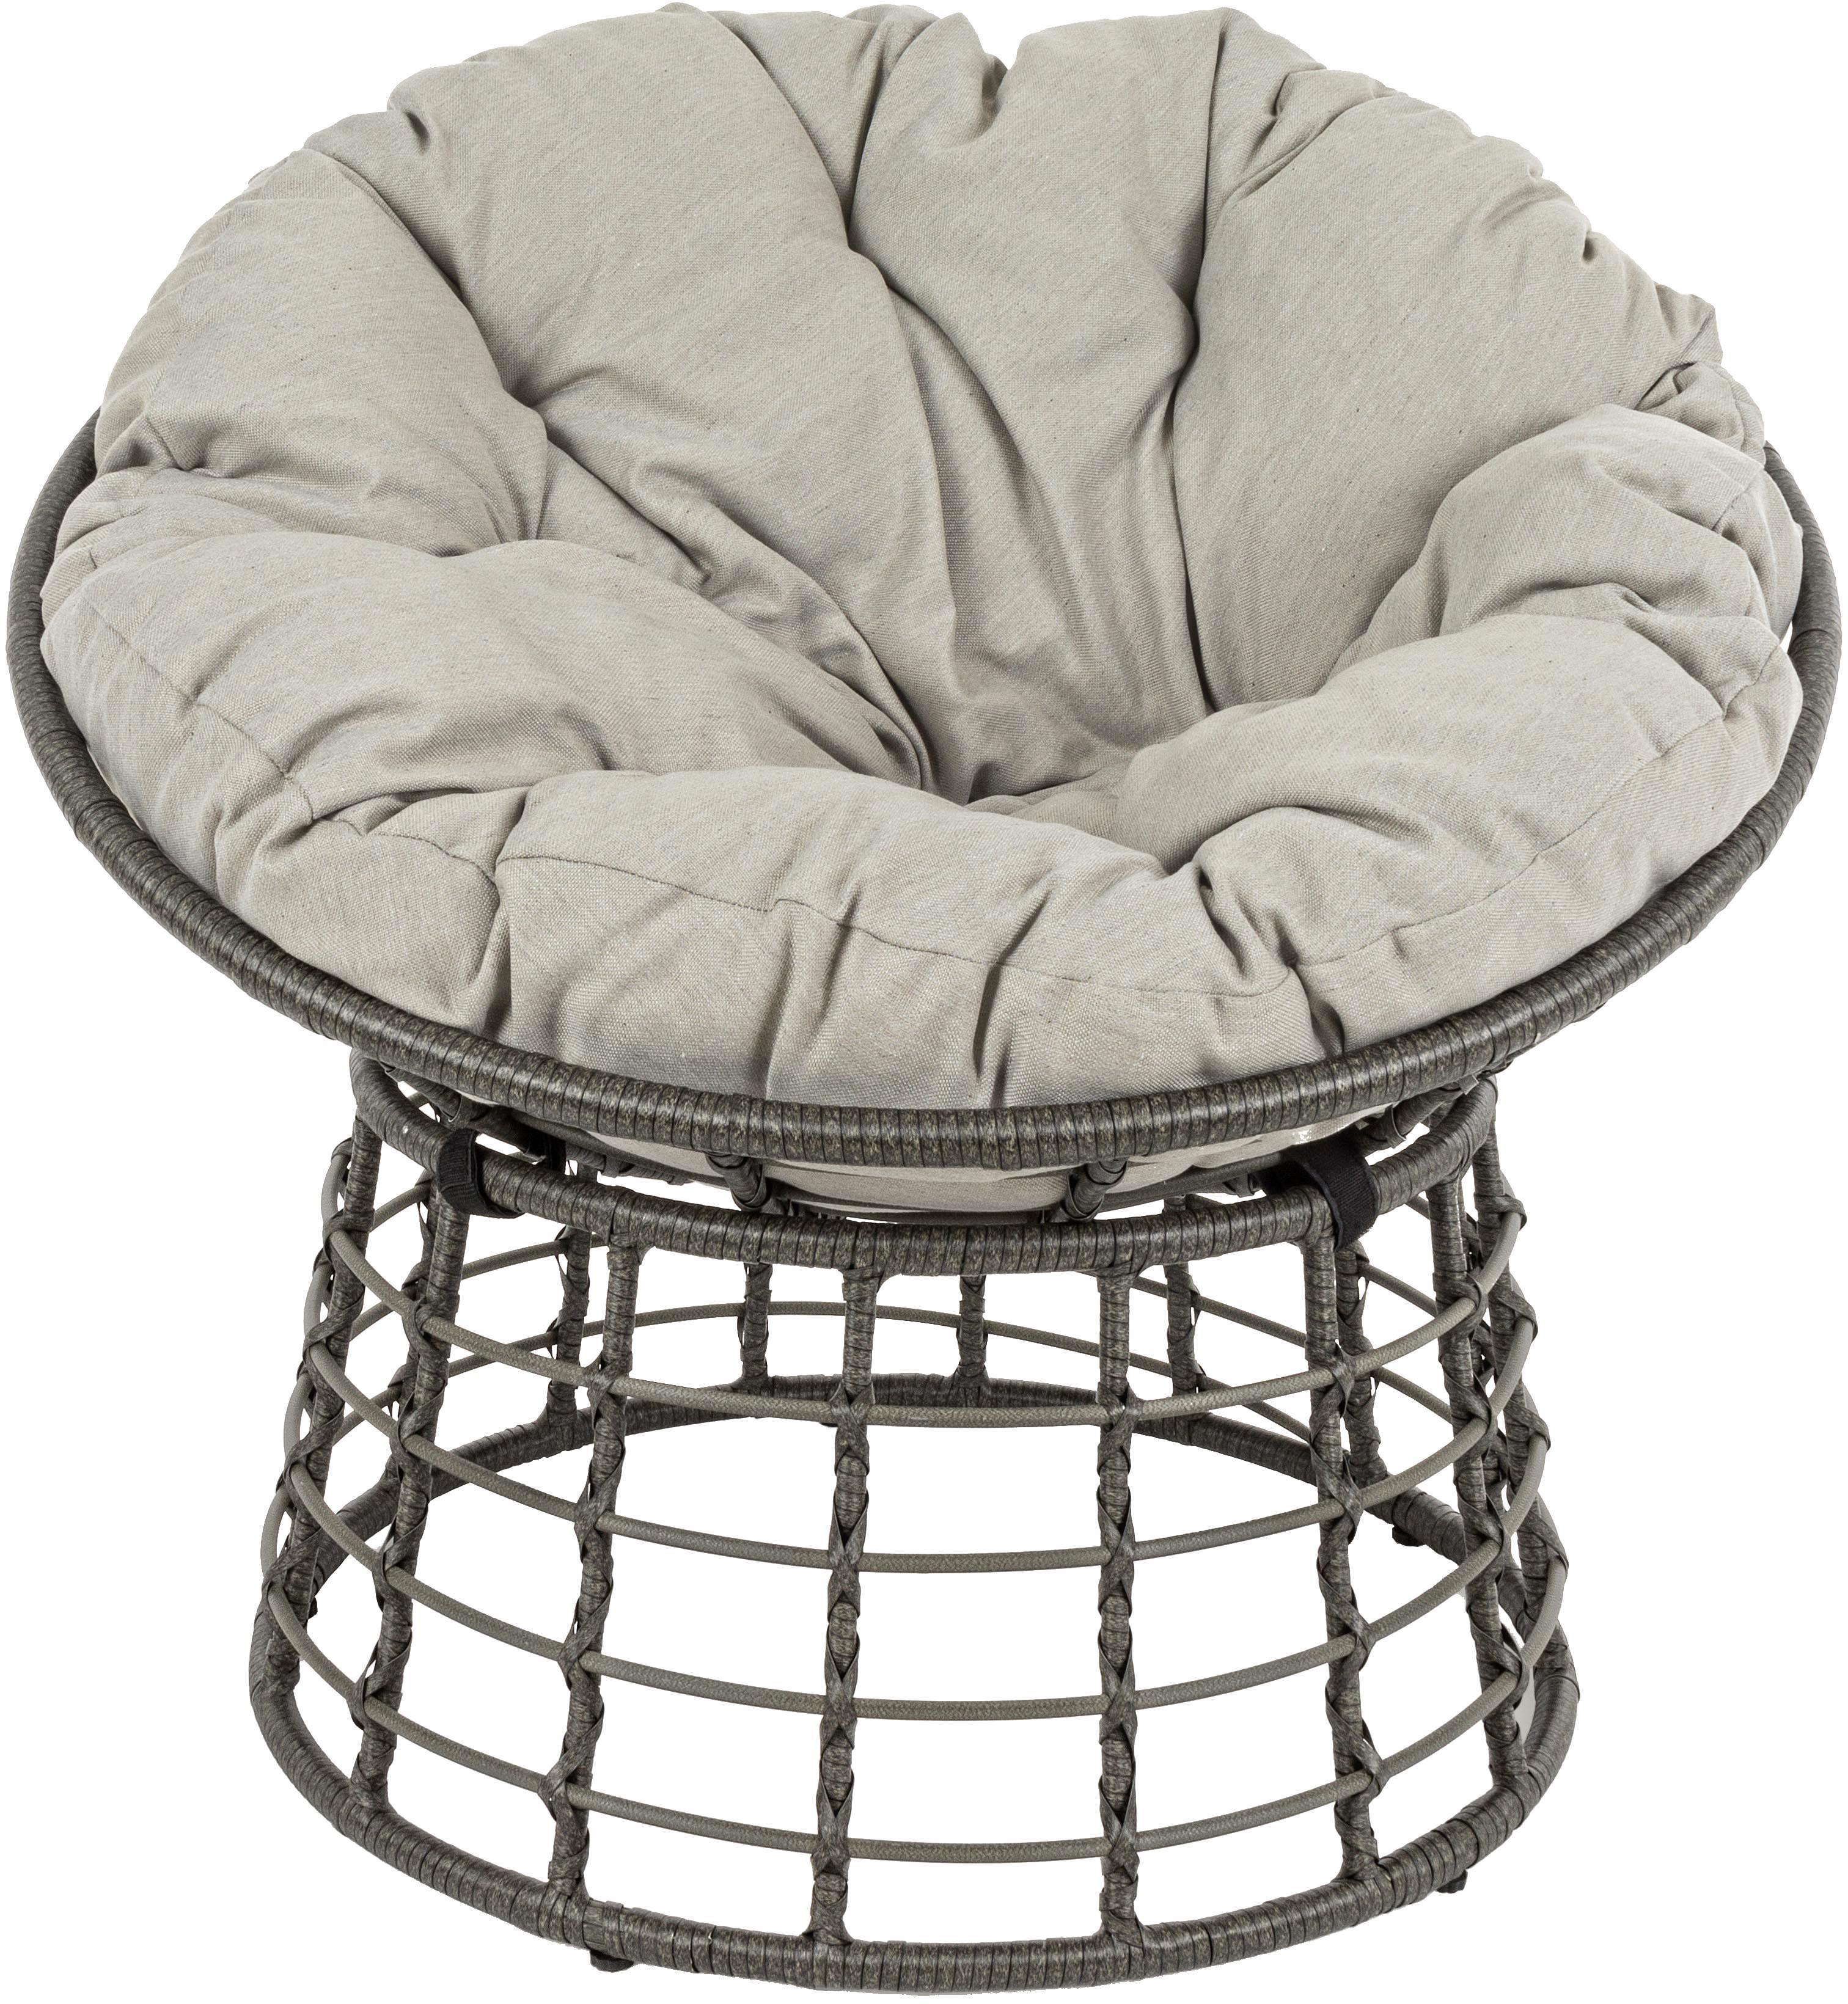 Poltrona da esterno con intreccio e cuscino  Molly, Struttura: acciaio, verniciato a pol, Seduta: fibre sintetiche, Rivestimento: poliestere, Grigio, grigio chiaro, Ø 92 x Alt. 78 cm